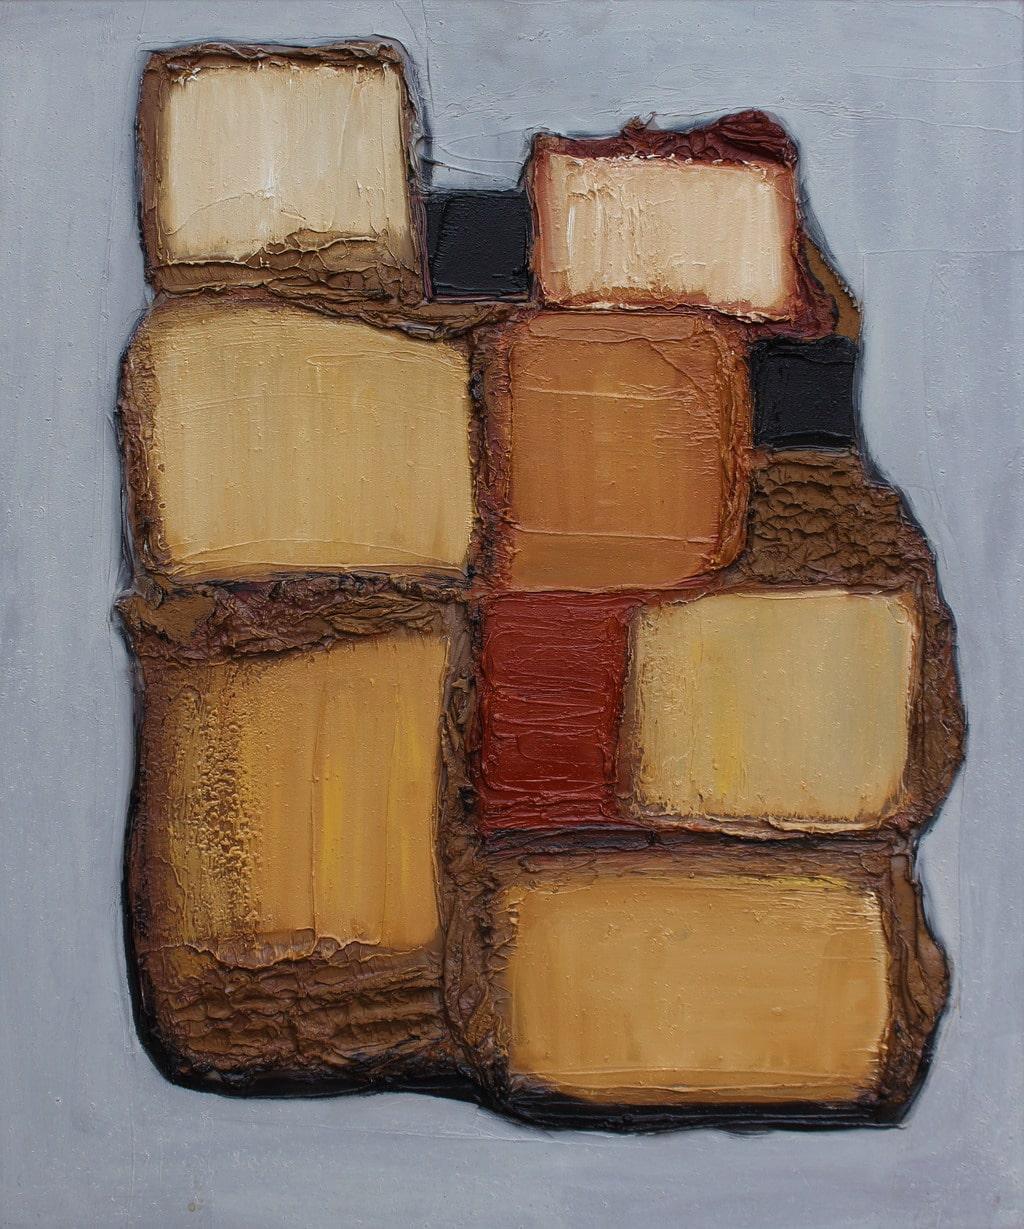 """Erminio Tansini, """"Senza titolo"""", 2009, olio su tavola, 60x50 cm. © Erminio Tansini"""